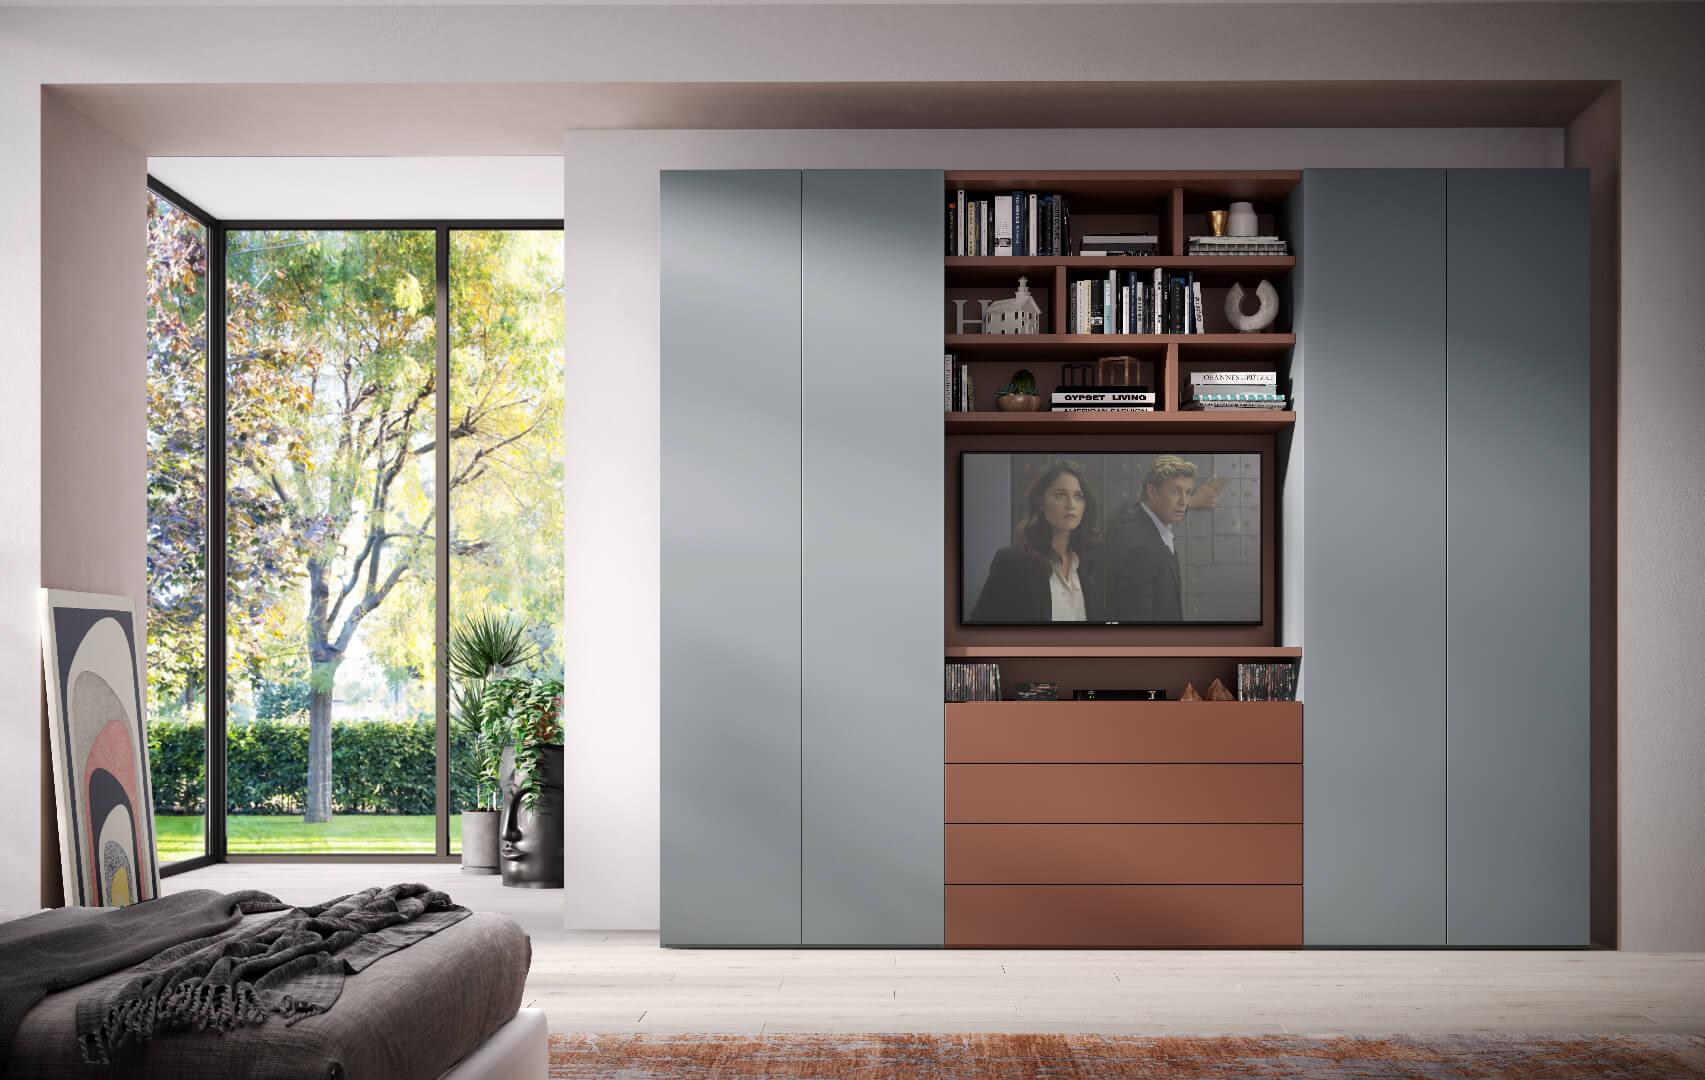 Collezione Componibile_Componibile/05_ Composizione a 4 ante push-pull. Possibilità di inserire ripiani libreria e specchiera TV. Dotata di cassettiera a vista. Ideale per arredare uno spazio aperto e comunicante con la zona notte. In foto: questa soluzione è personalizzata in laccato RAL: grigio (RAL 7046) e rame (RAL 8002).